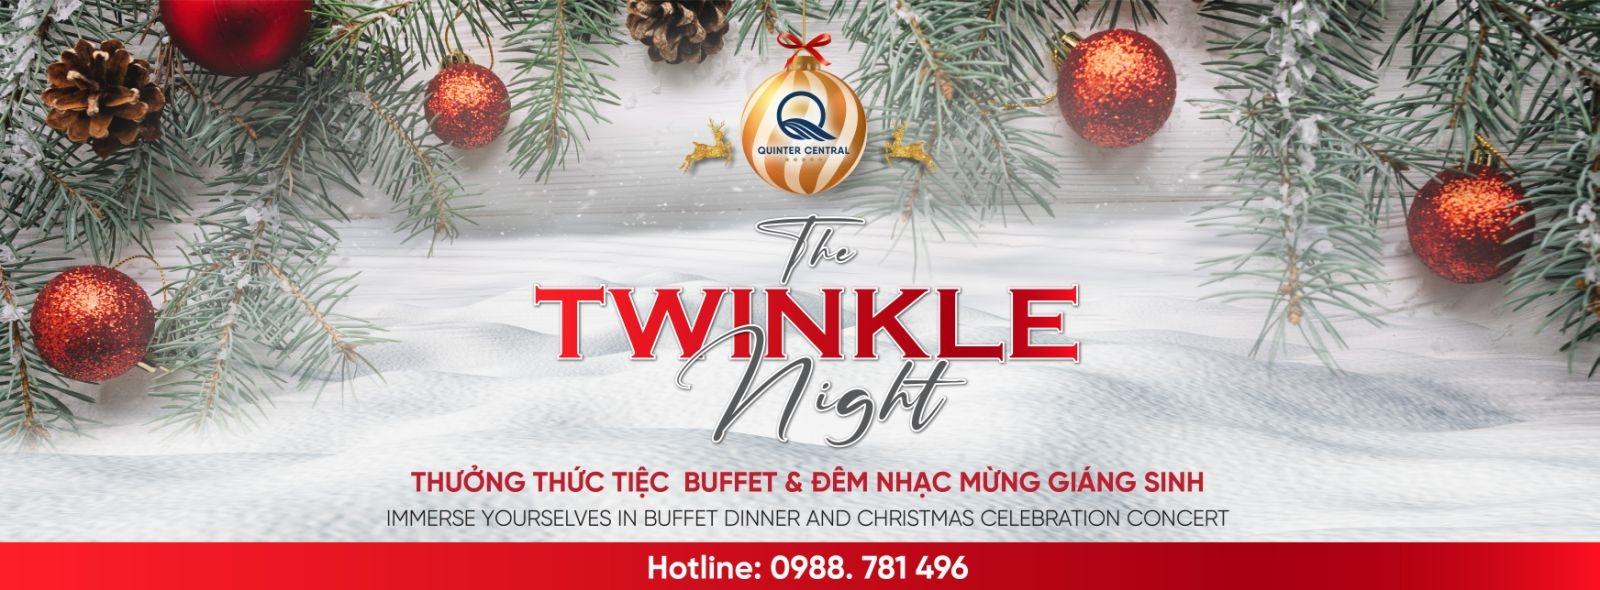 The Twinkle Night - Thưởng thức đêm tiệc giáng sinh lung linh